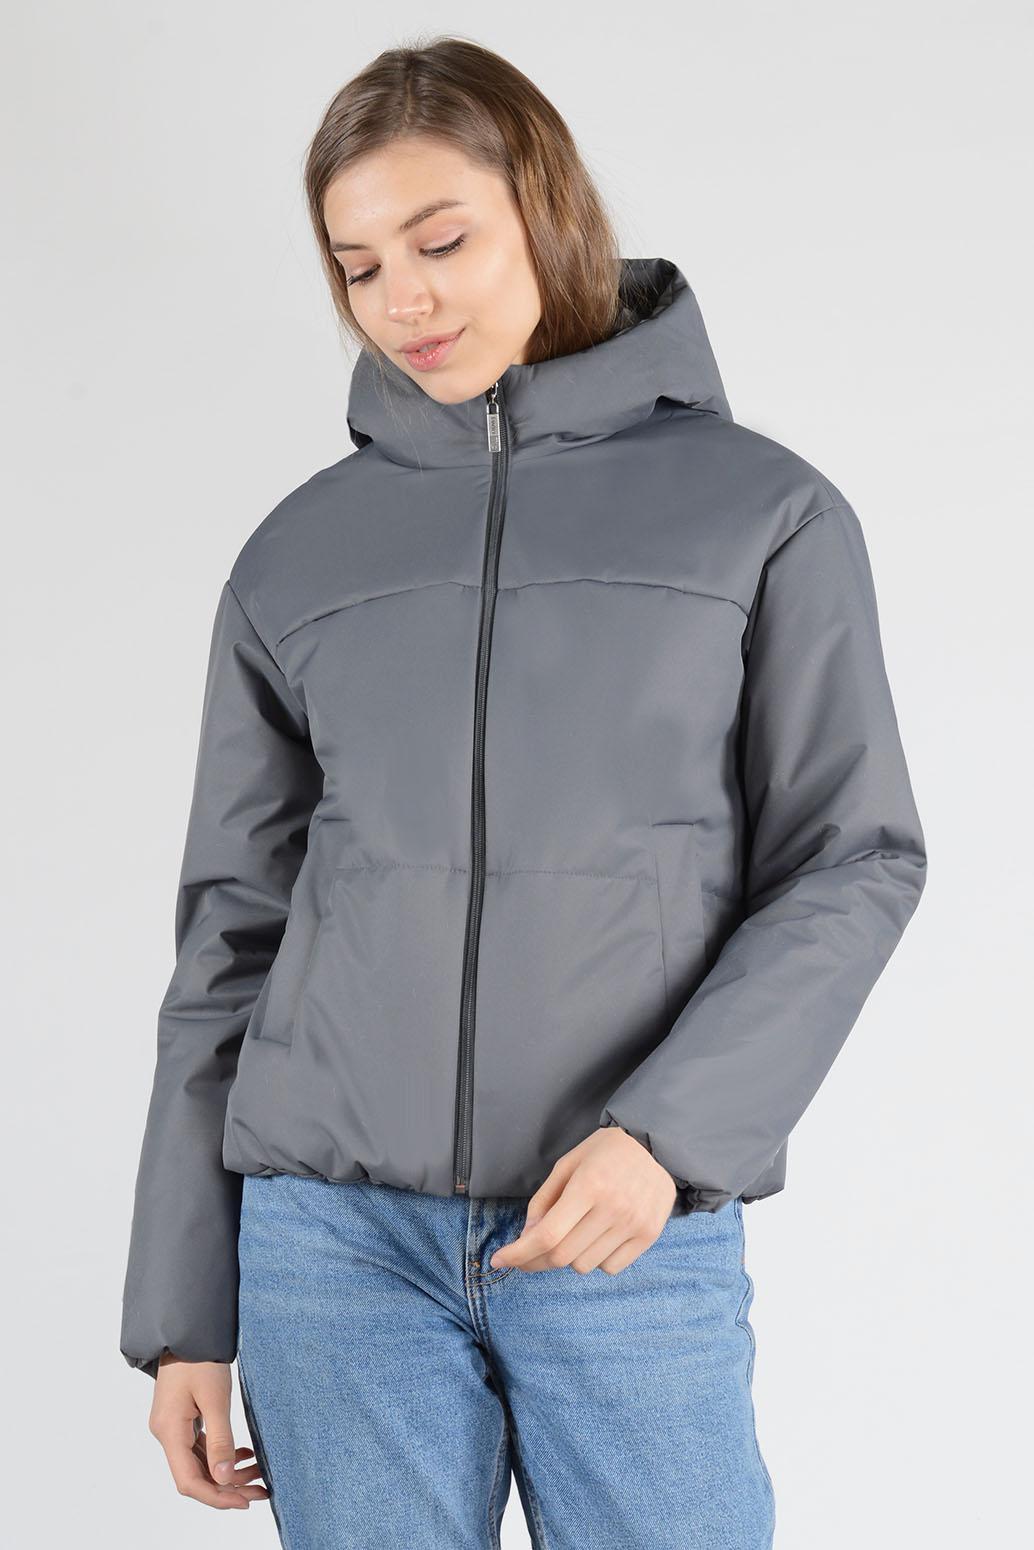 Куртка женская 13658 антрацит